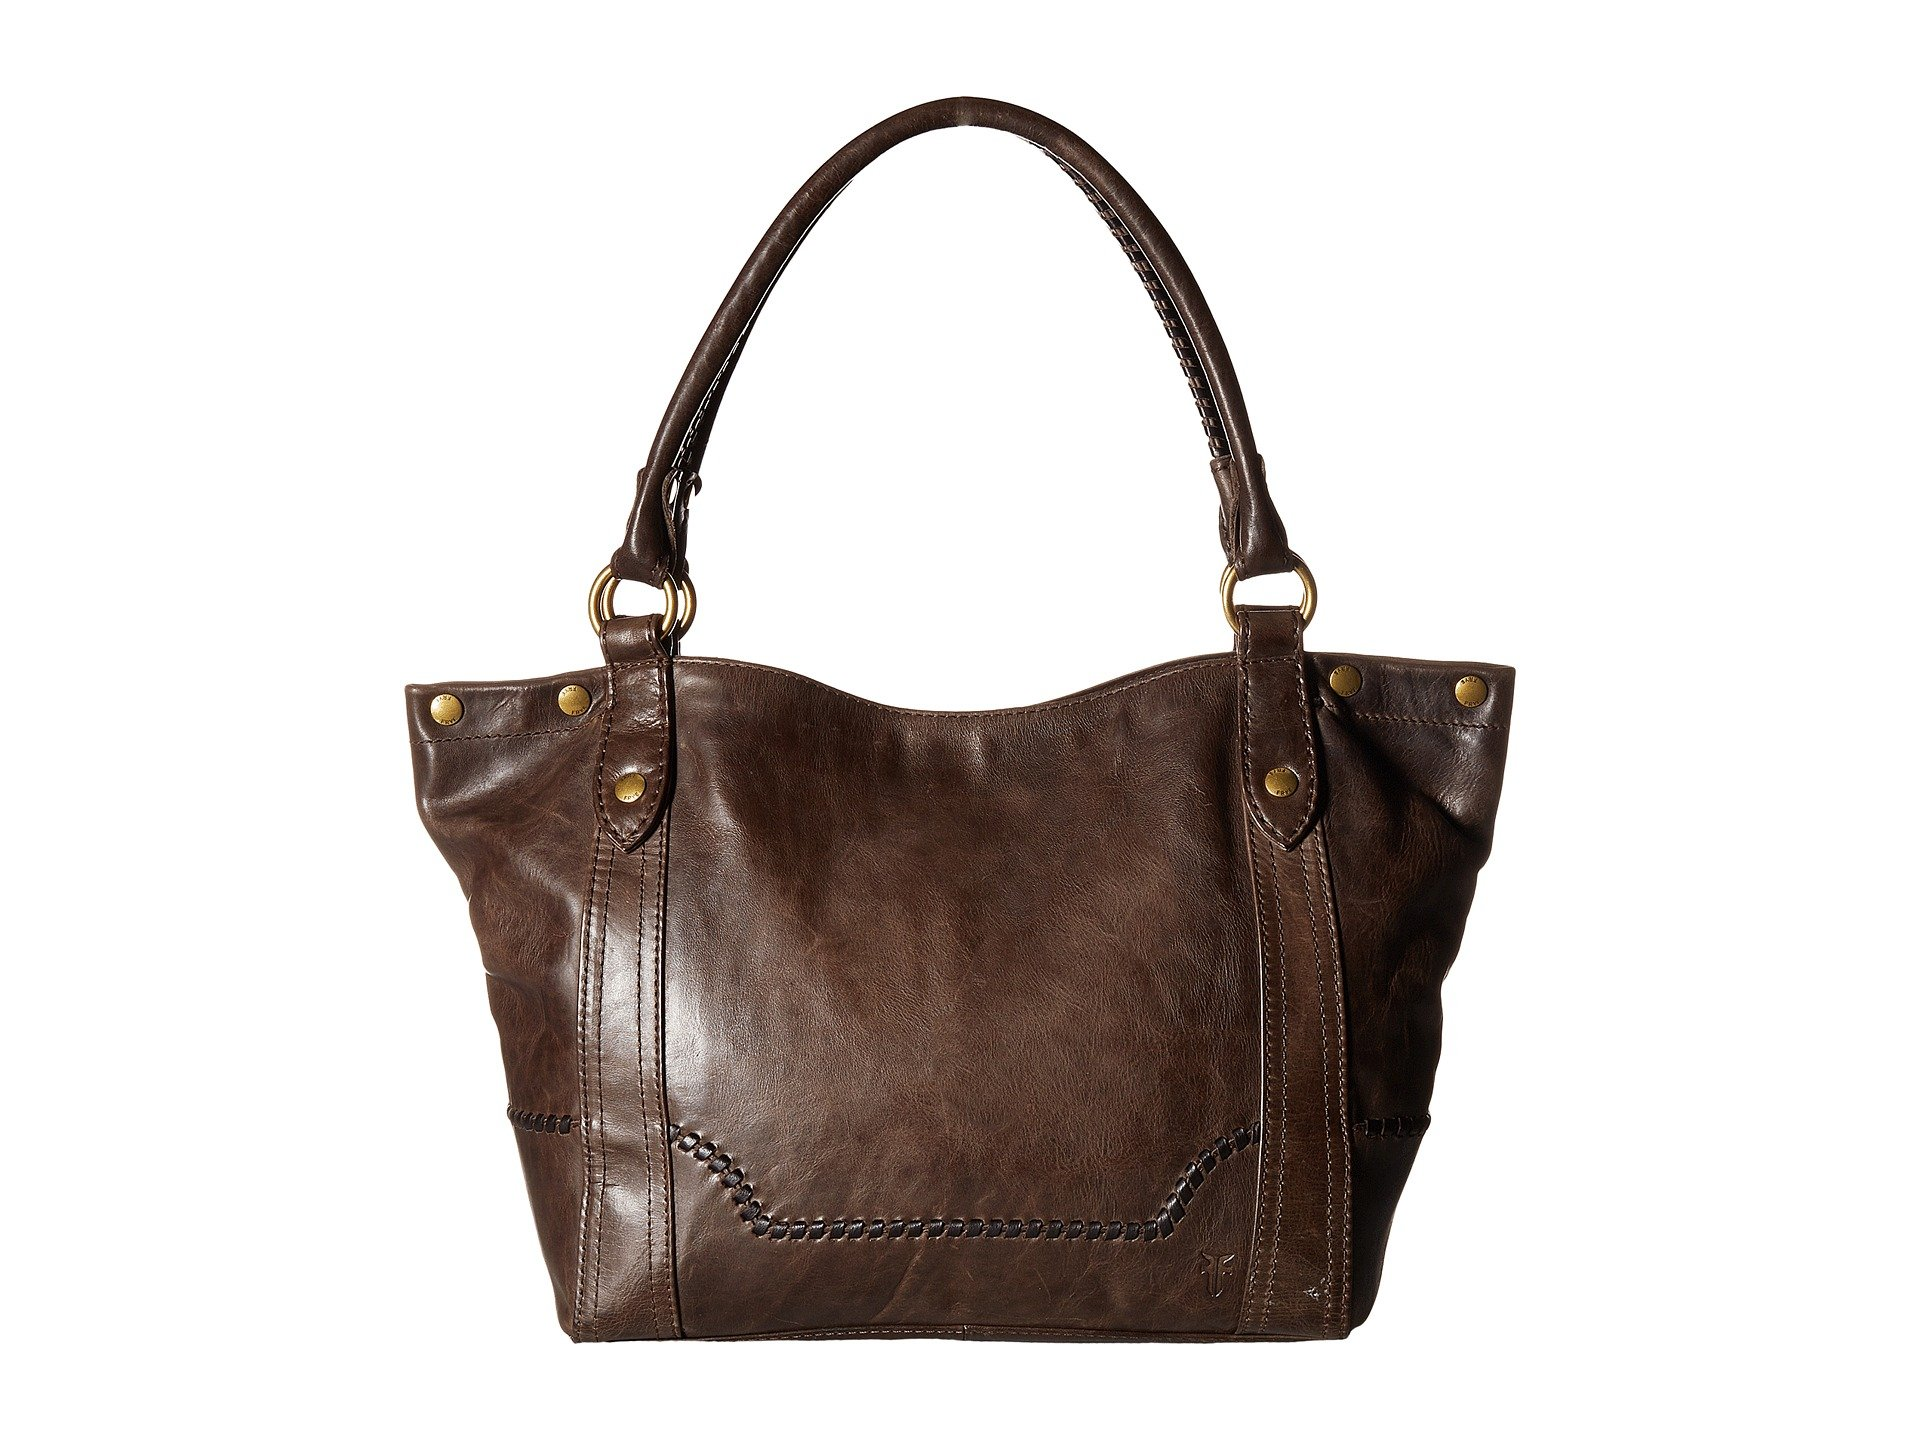 Melissa Leather Shoulder Bag - Beige, Slate Antique Pull Up